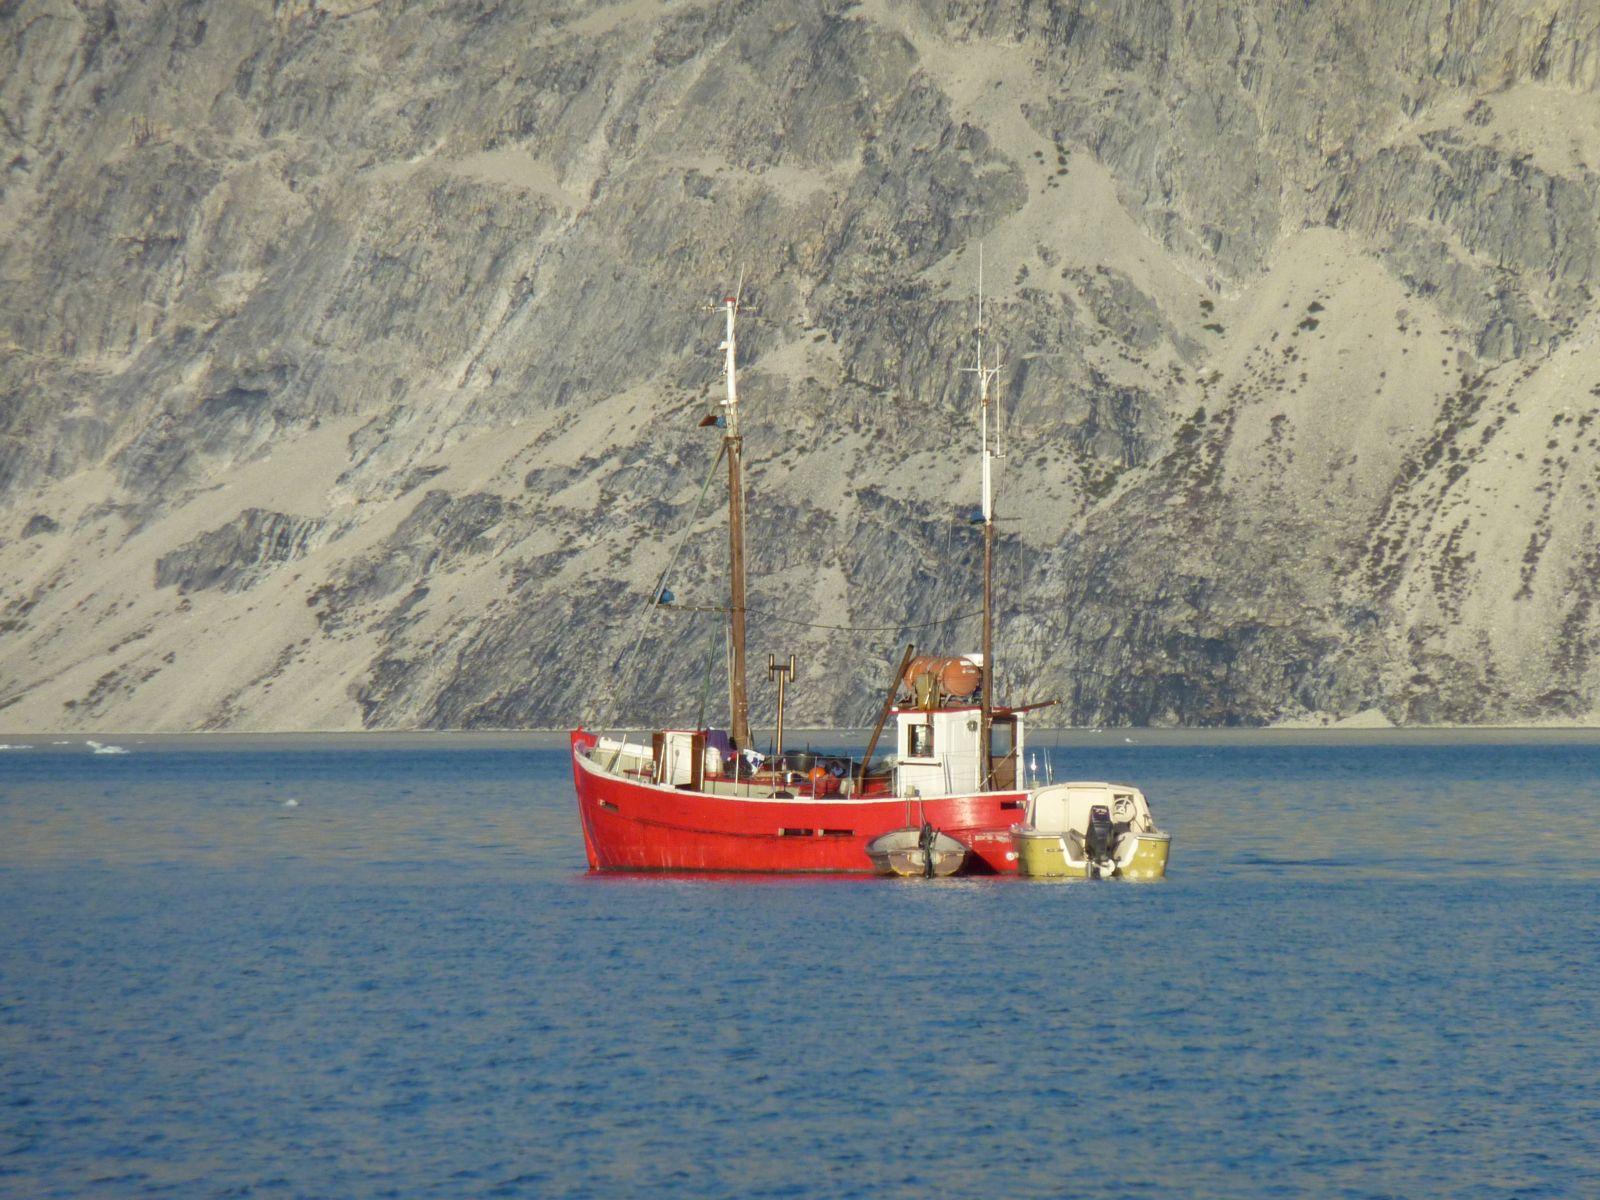 2010-09-18-1825_-_Båd; Kutter